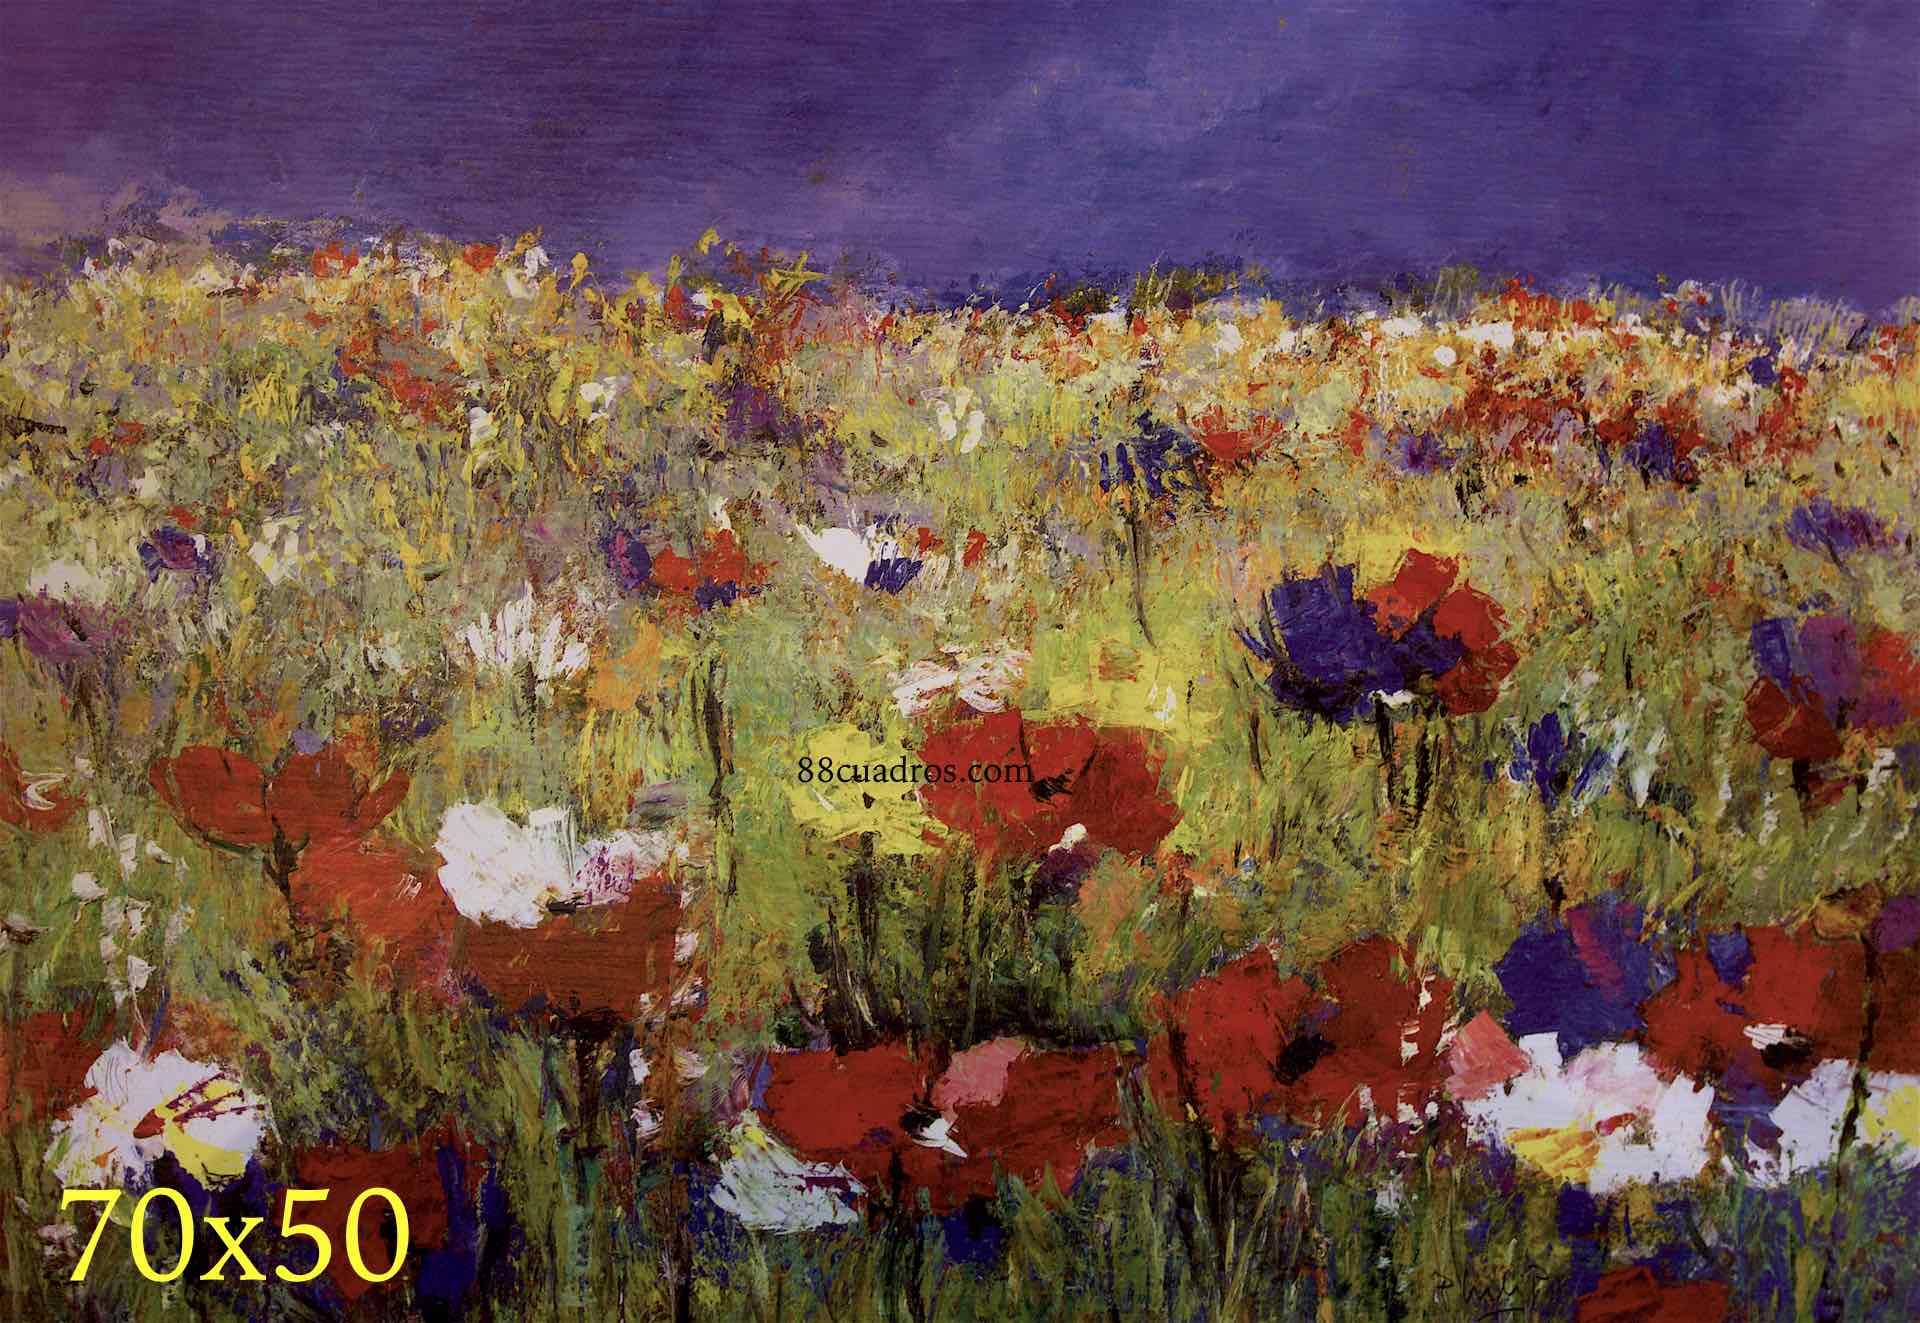 Campo abstracto 88 cuadros a 8 euros for Enmarcar cuadros precios